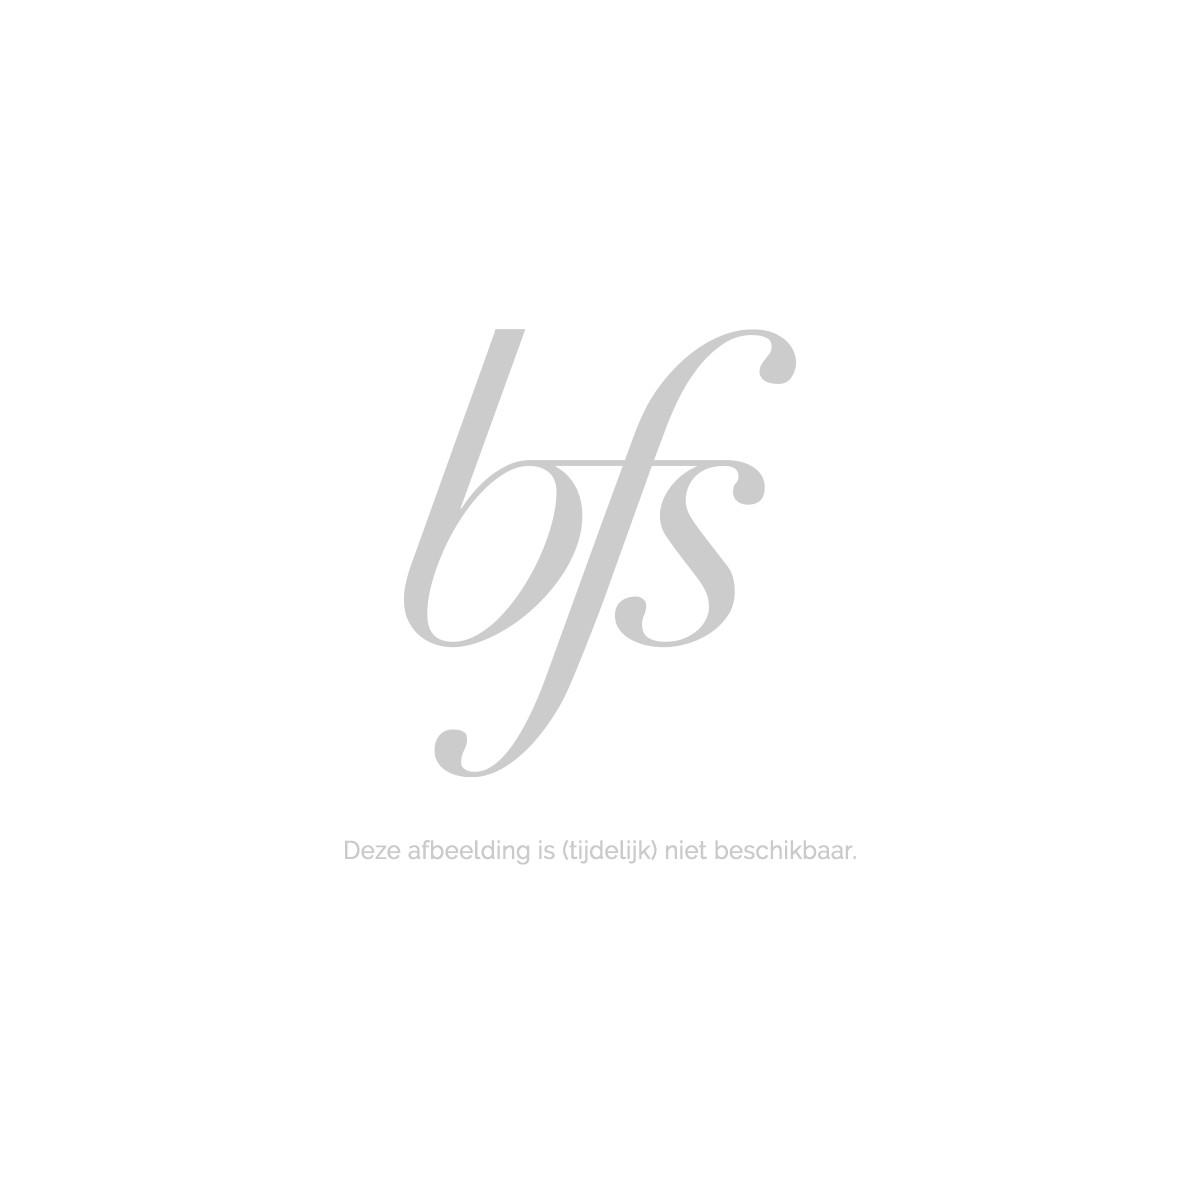 Afbeelding van Dermalogica Active Moist 100 ML 24 uurs crèmes Beauty